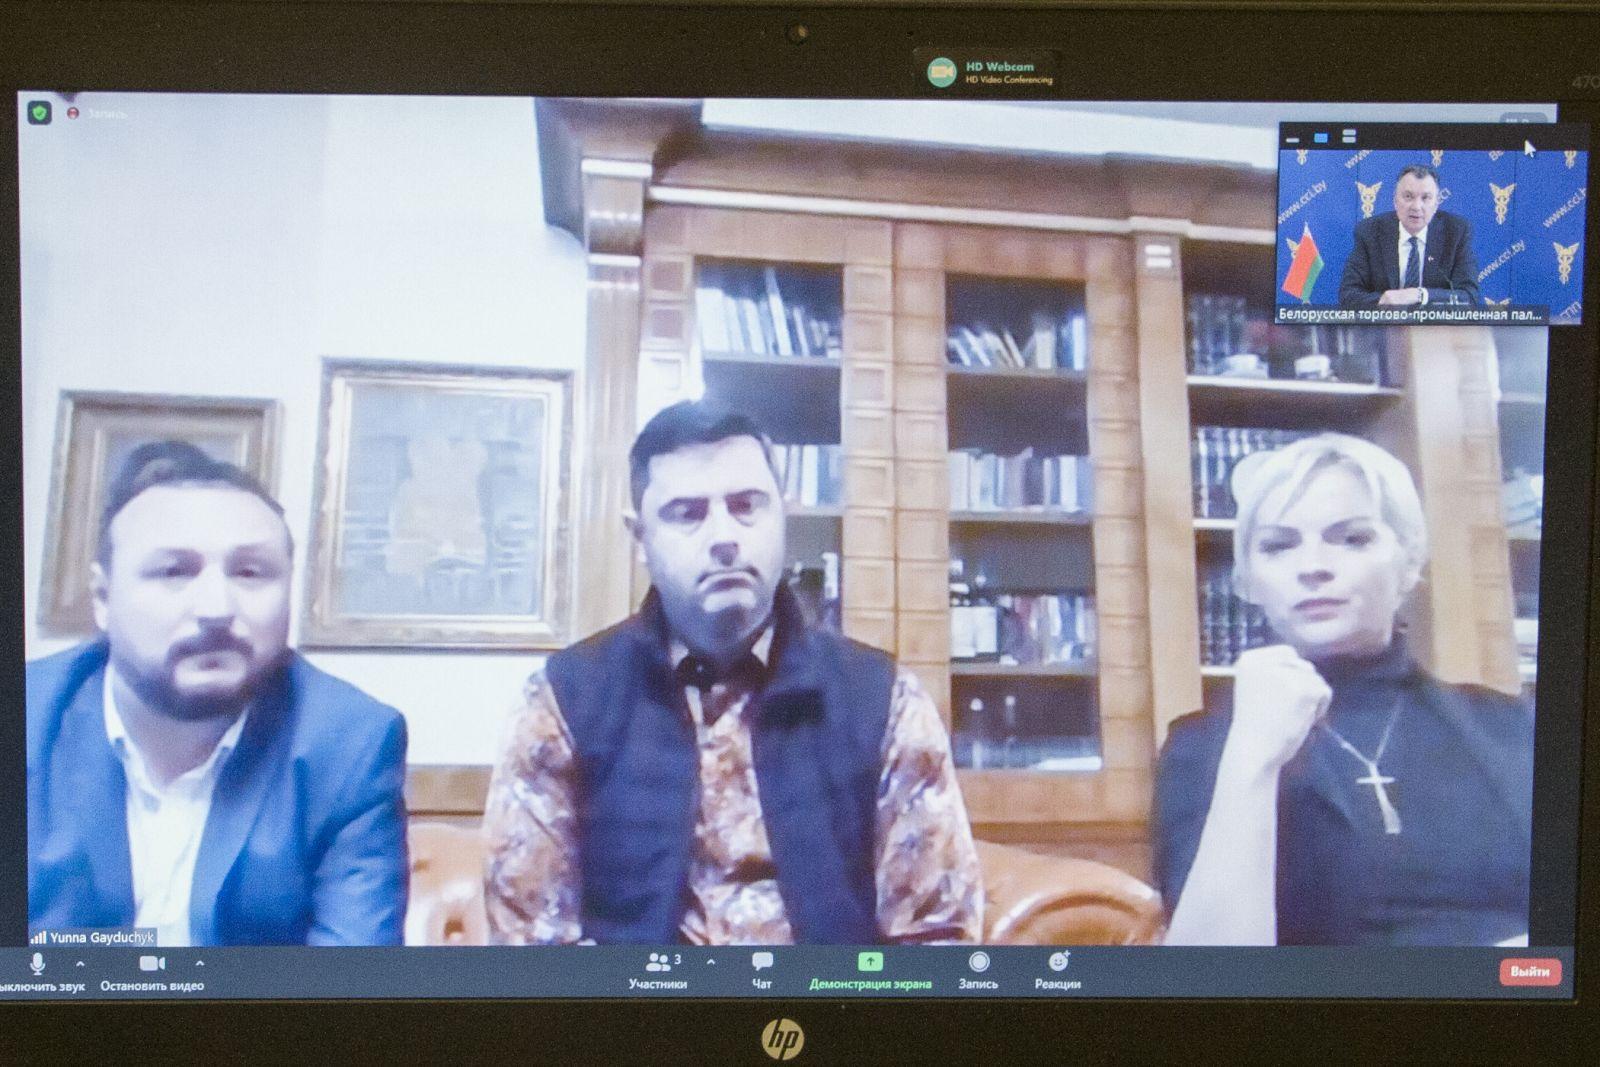 Prezantohet në Shqipëri përfaqësuesi i biznesit të Bjellorusisë. Jaka: Bashkëpunimi ekonomik mes dy vendeve është hap i rëndësishëm për sipërmarrjen